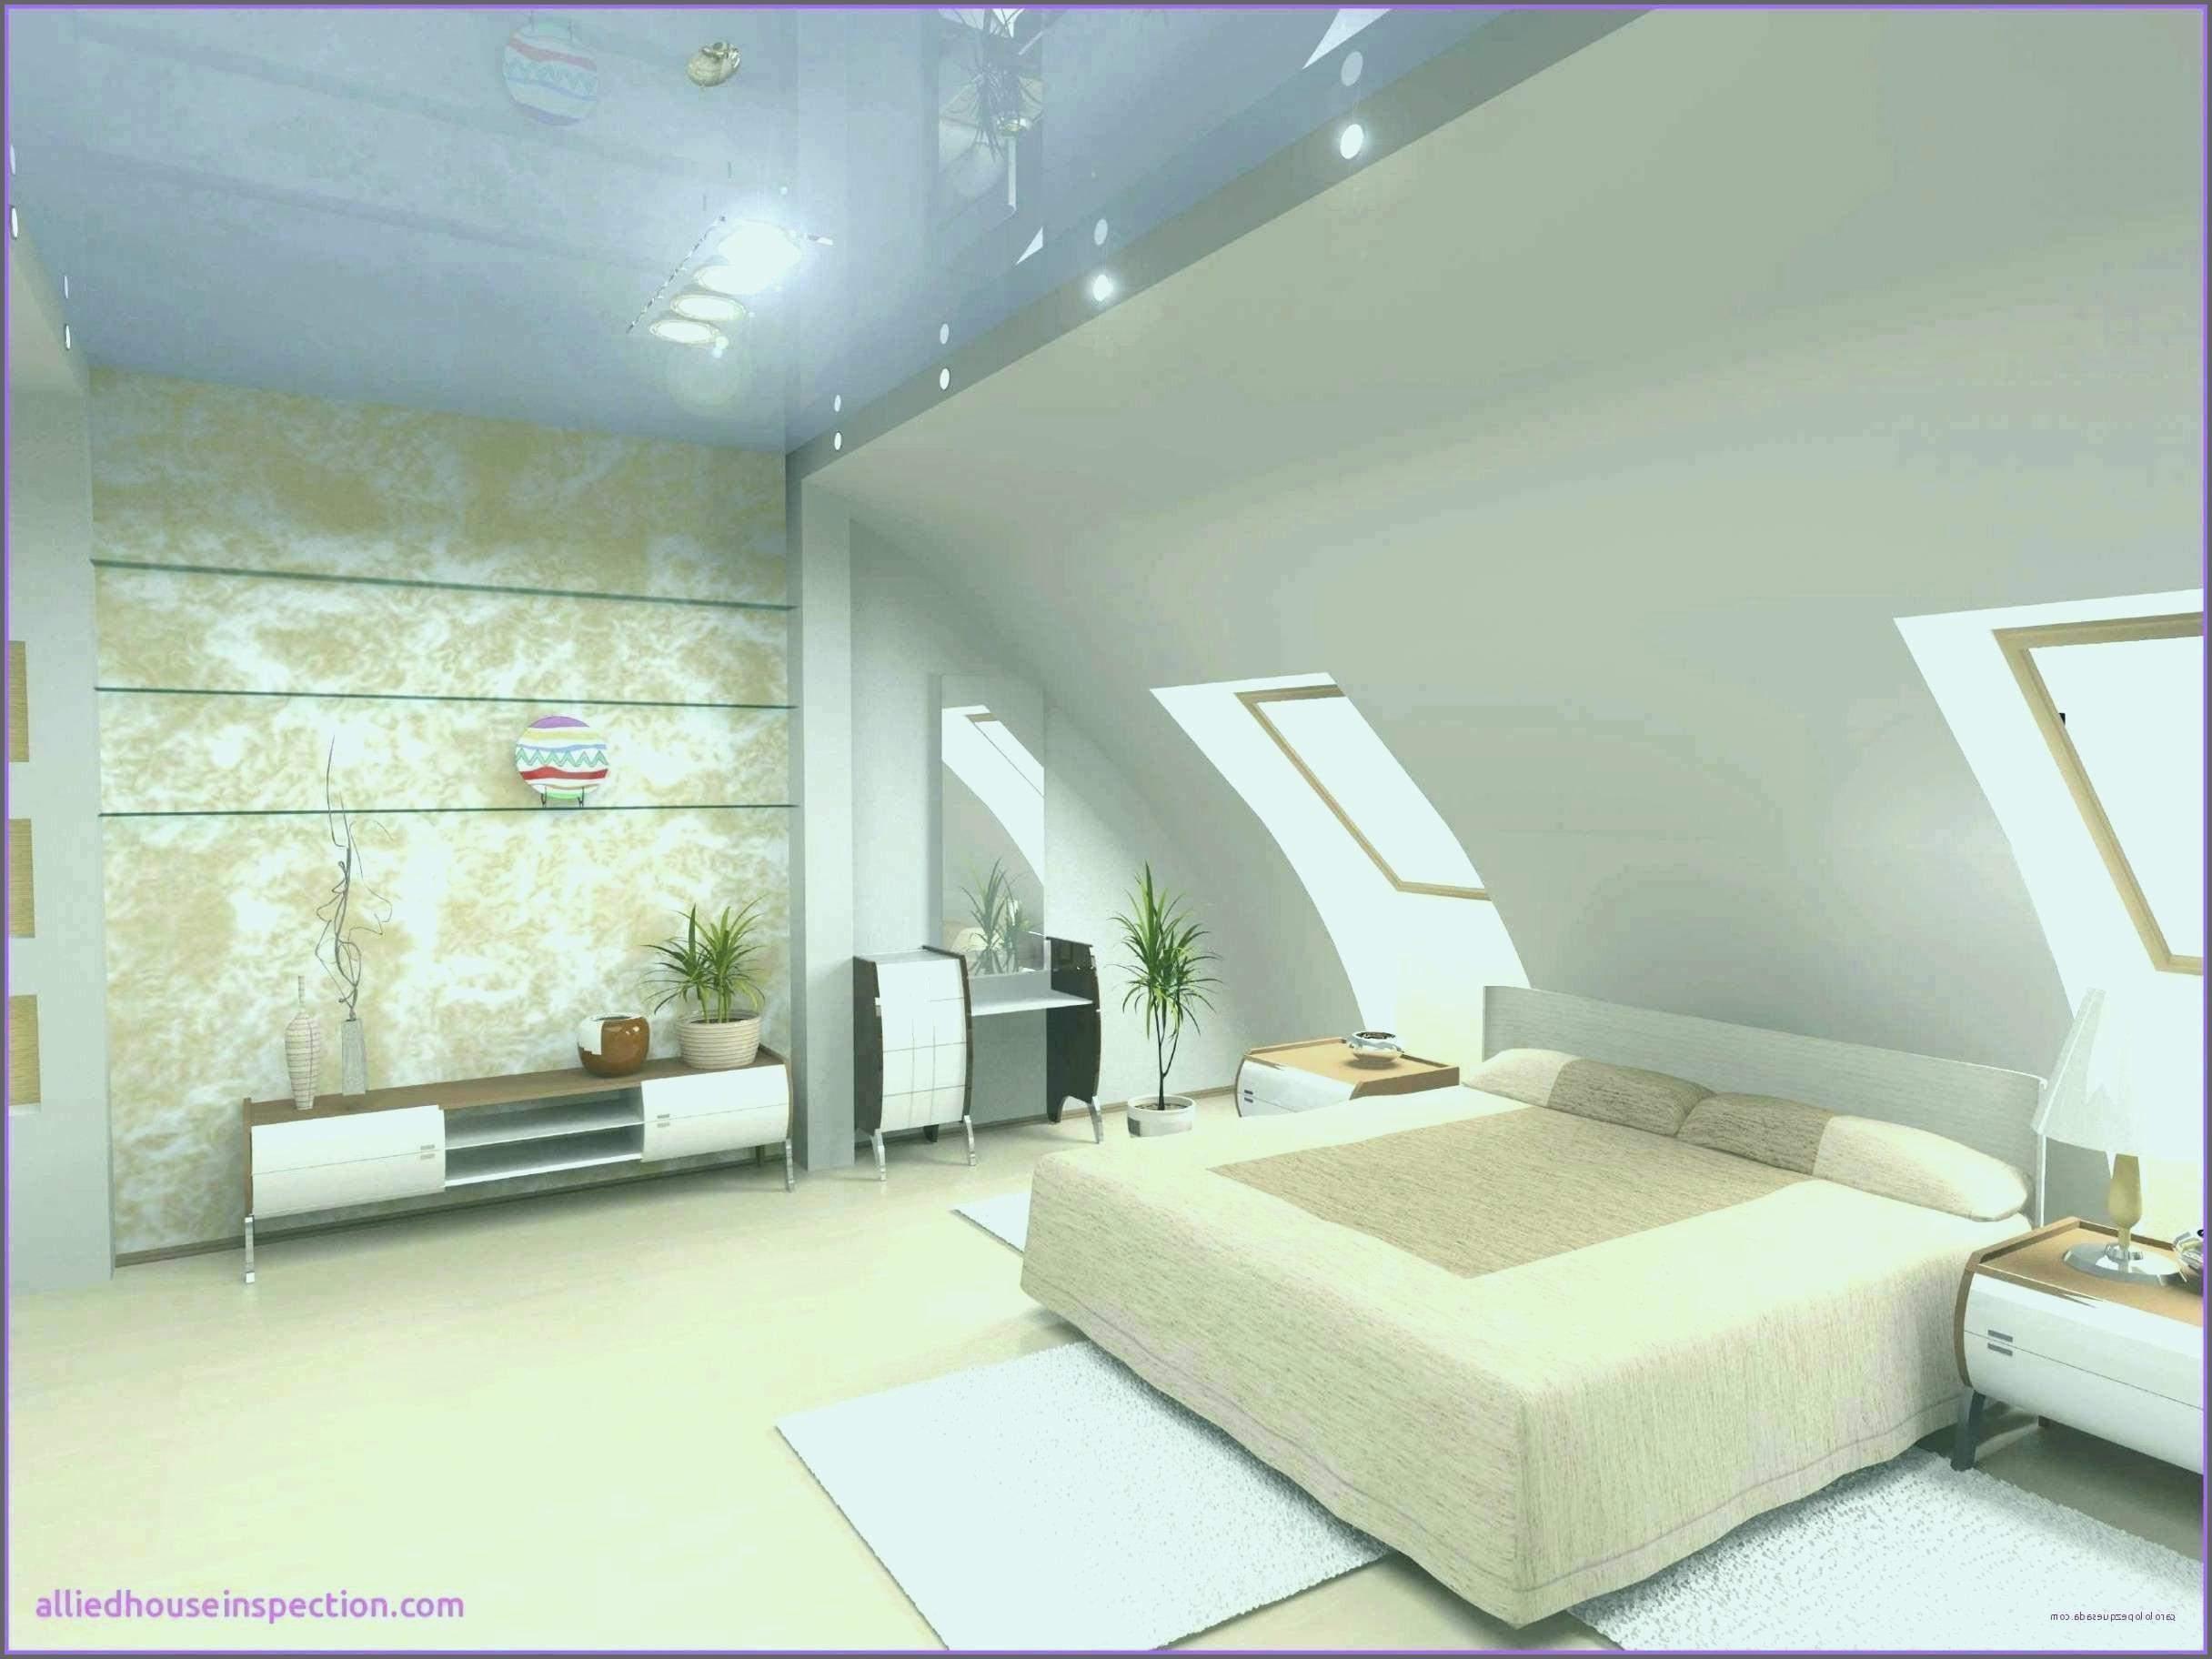 wohnzimmer ikea einzigartig 25 inspirierend wohnzimmer ikea schon of wohnzimmer ikea